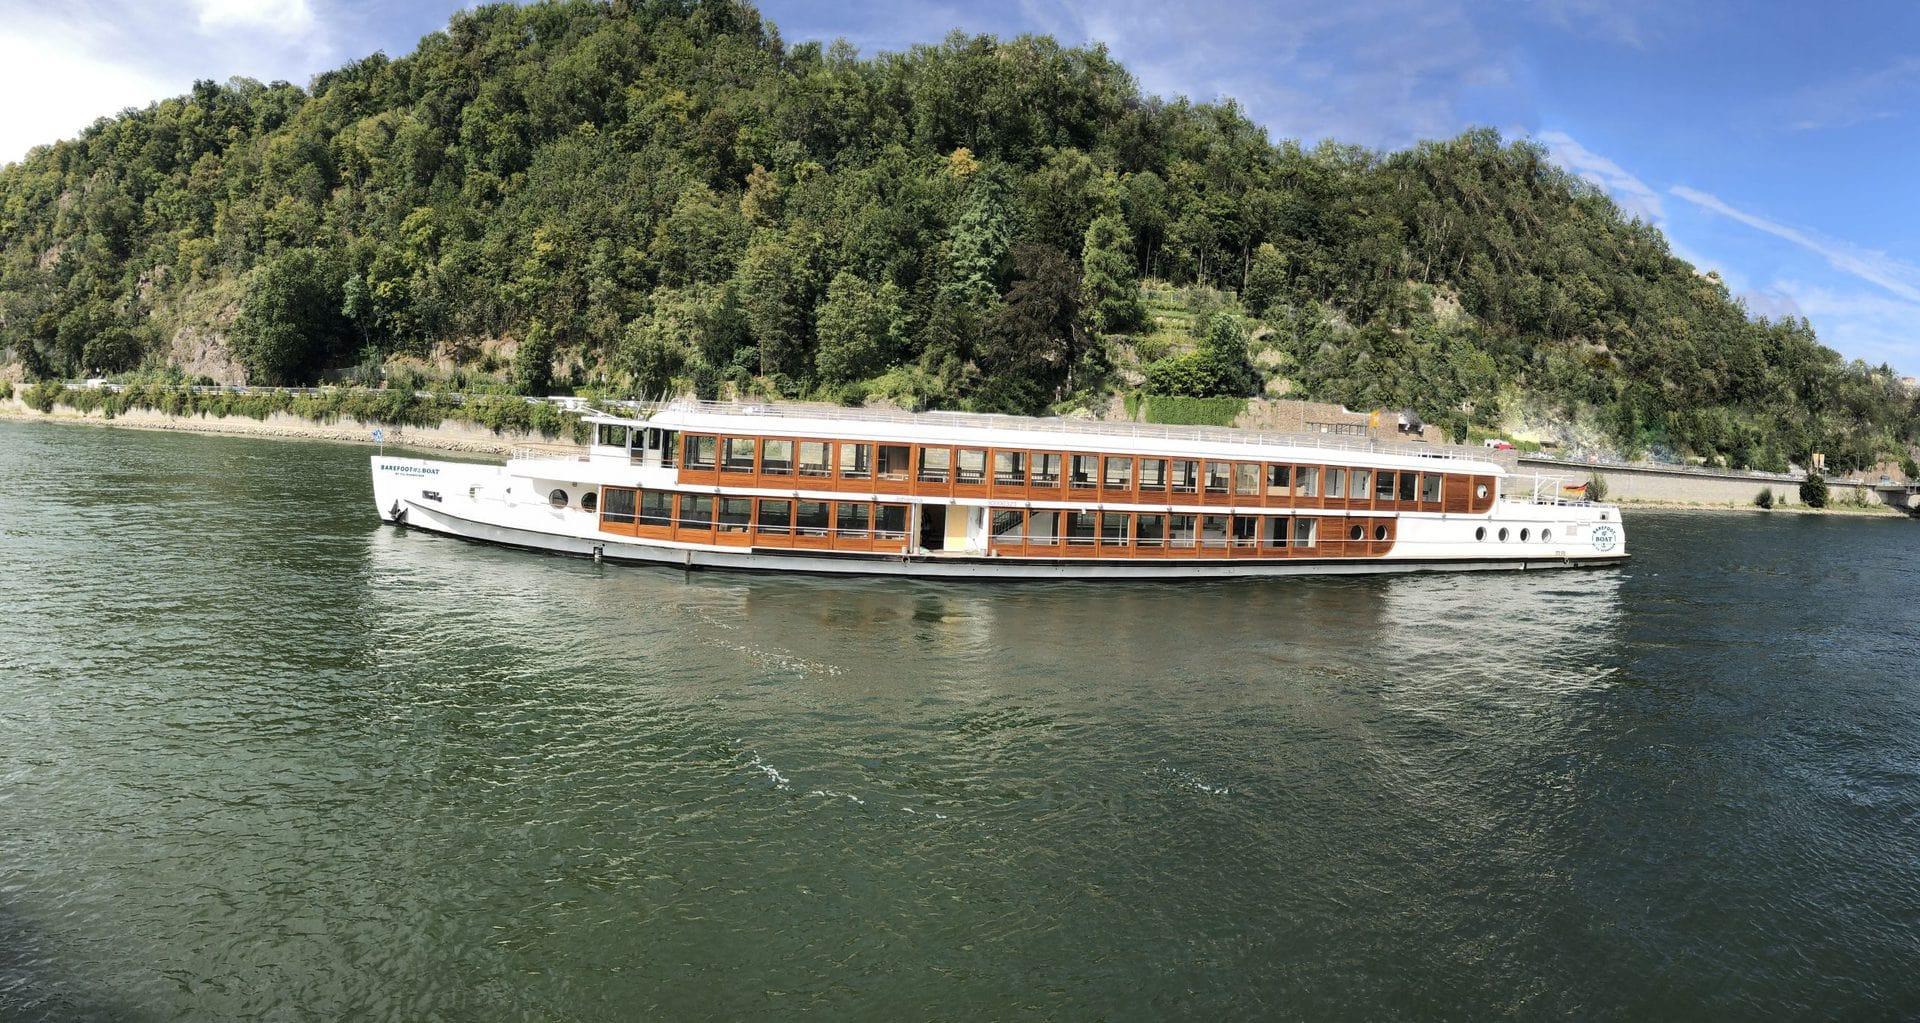 Volle Kraft voraus! Das Barefoot Boat by Til Schweiger kommt nach Regensburg Das neue Schiff der Donauschifffahrt Wurm & Noé nimmt Ende September fahrt auf